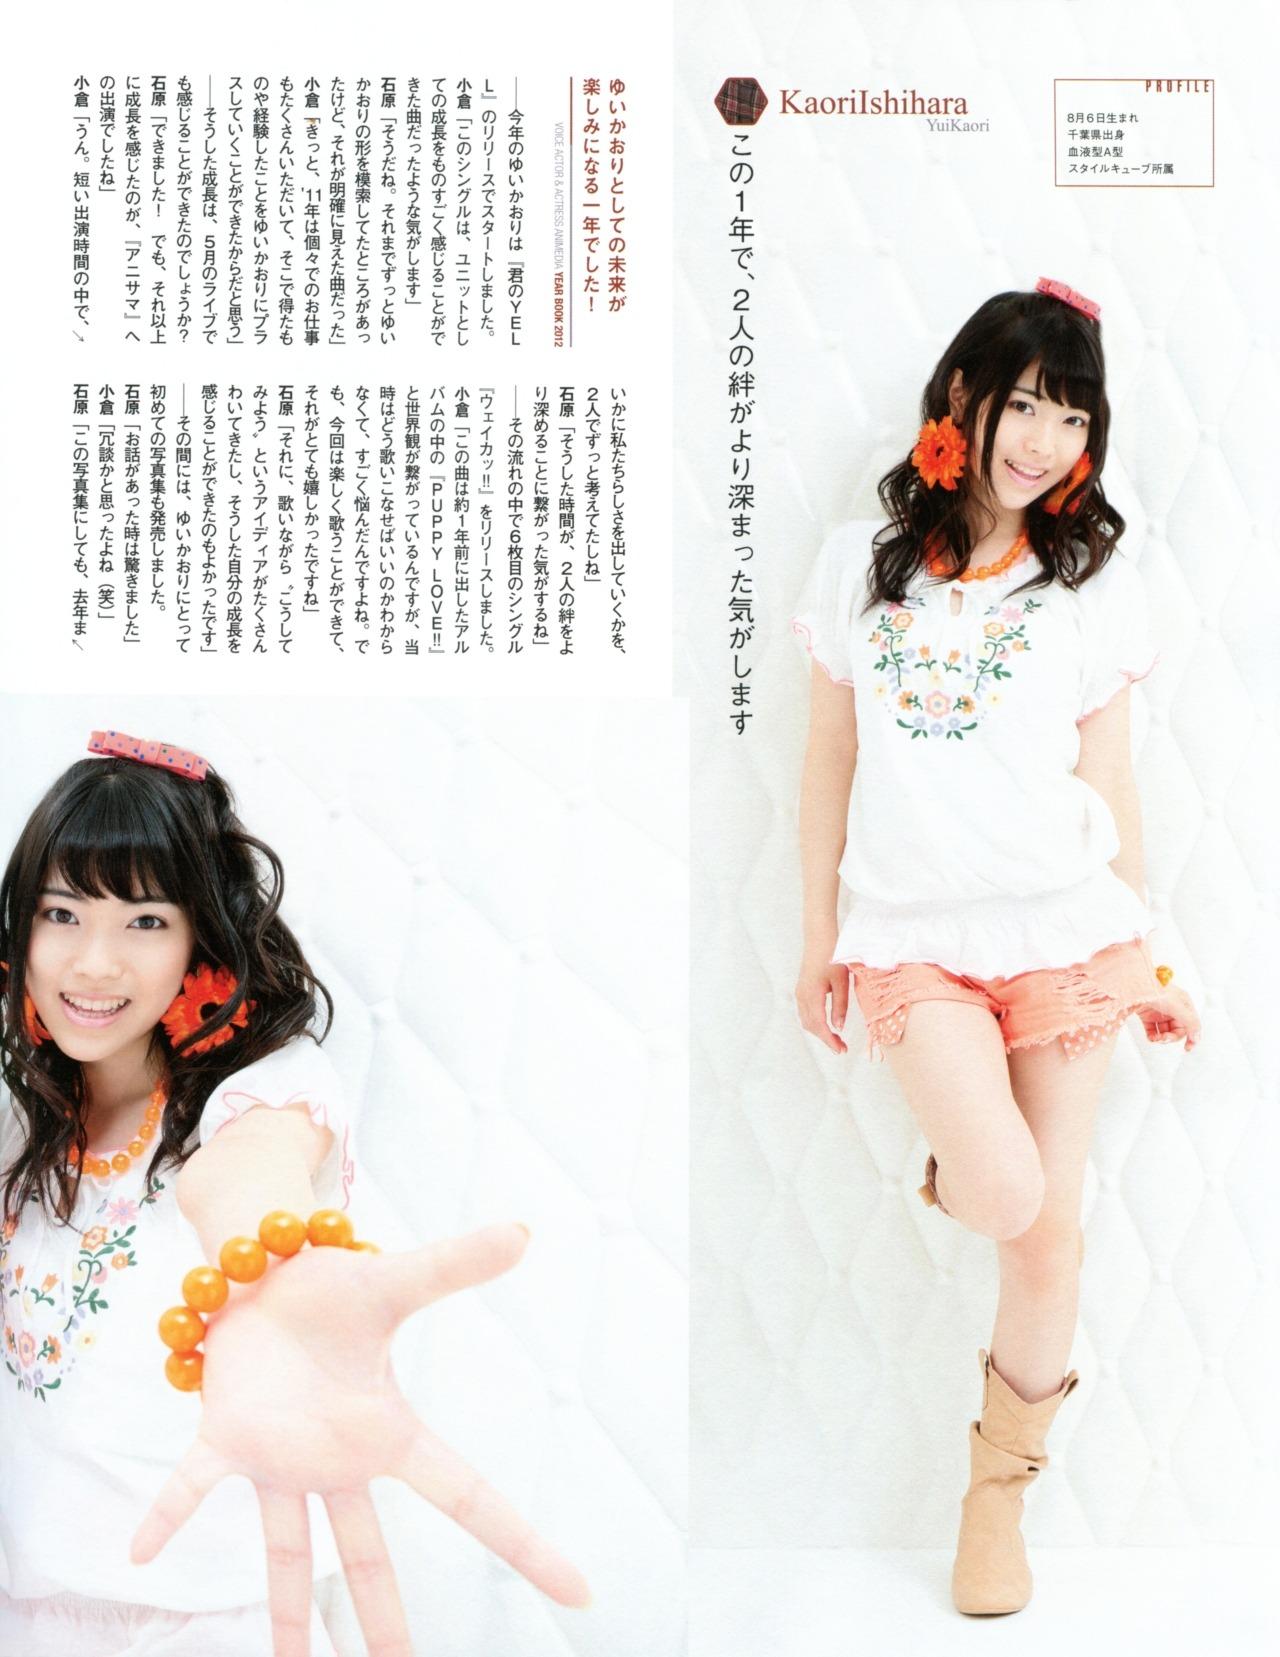 ishihara_kaori063.jpg